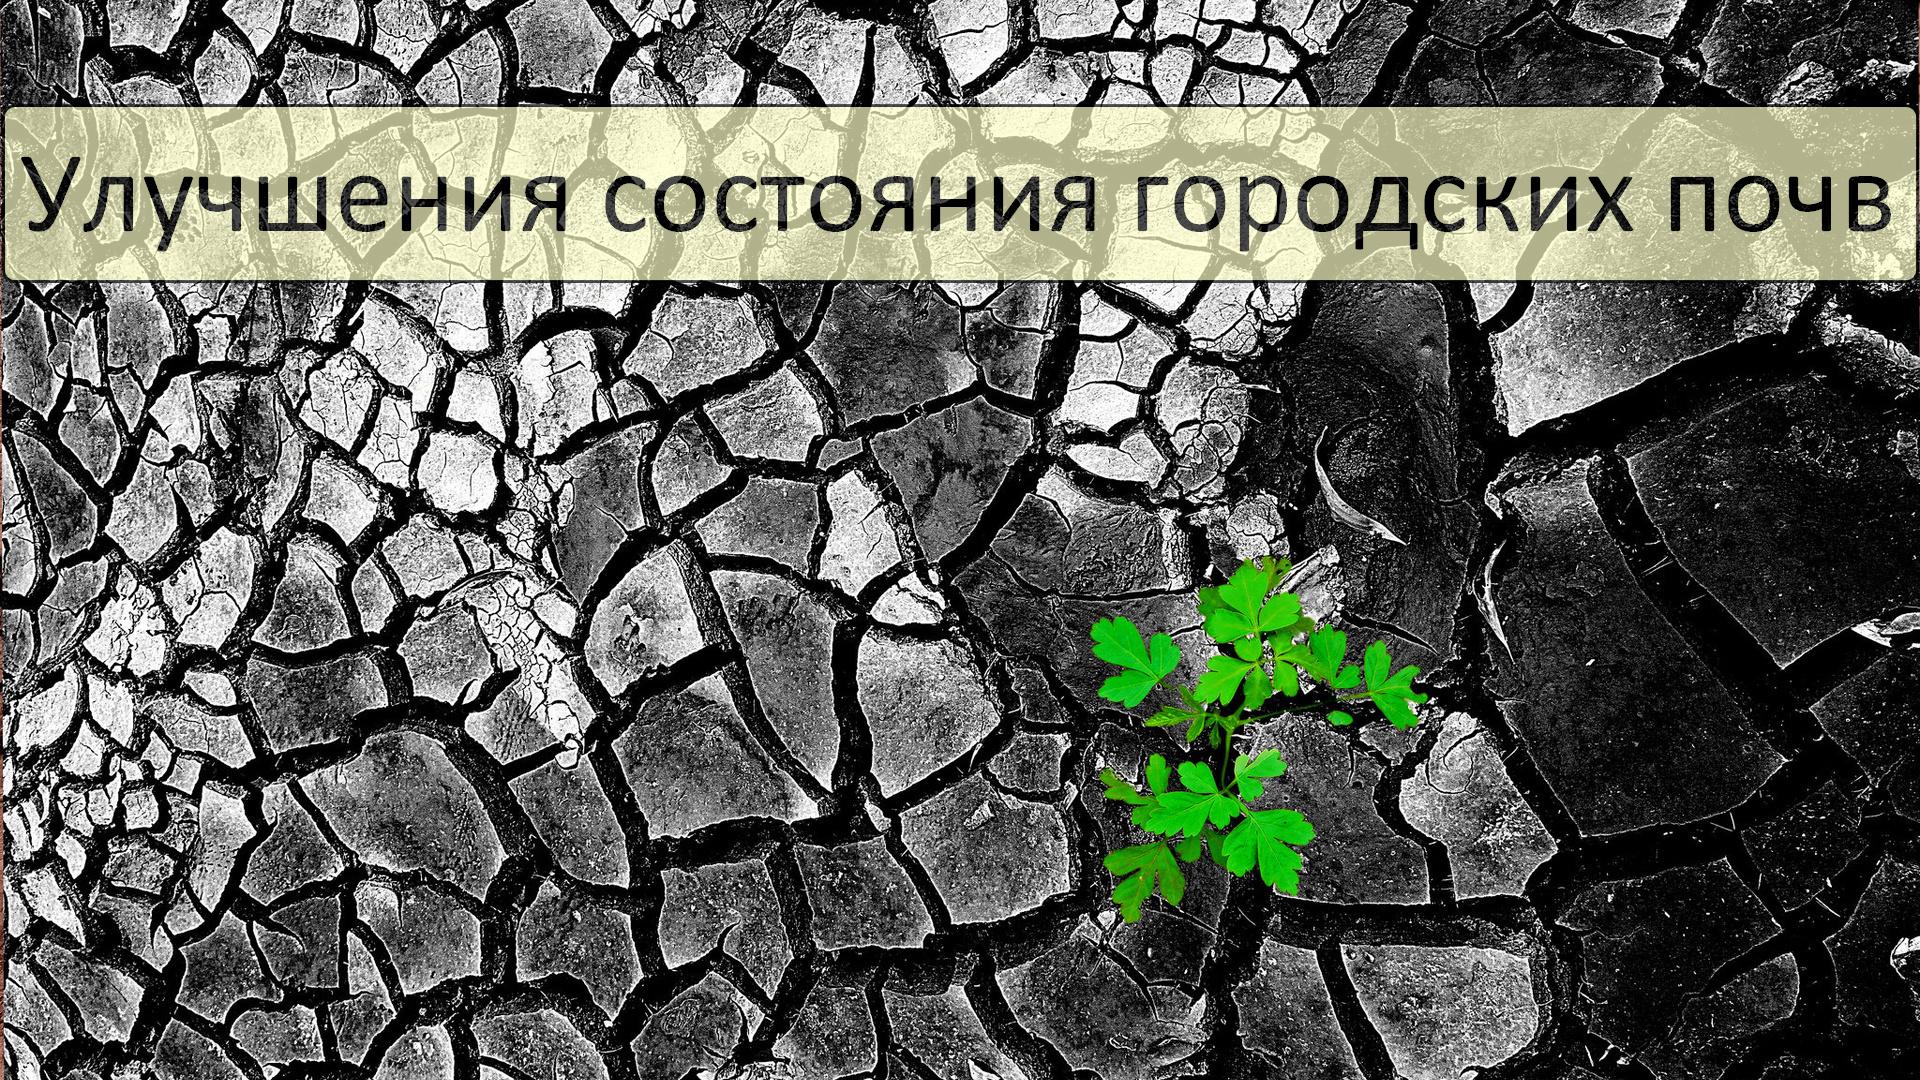 Улучшения состояния городских почв